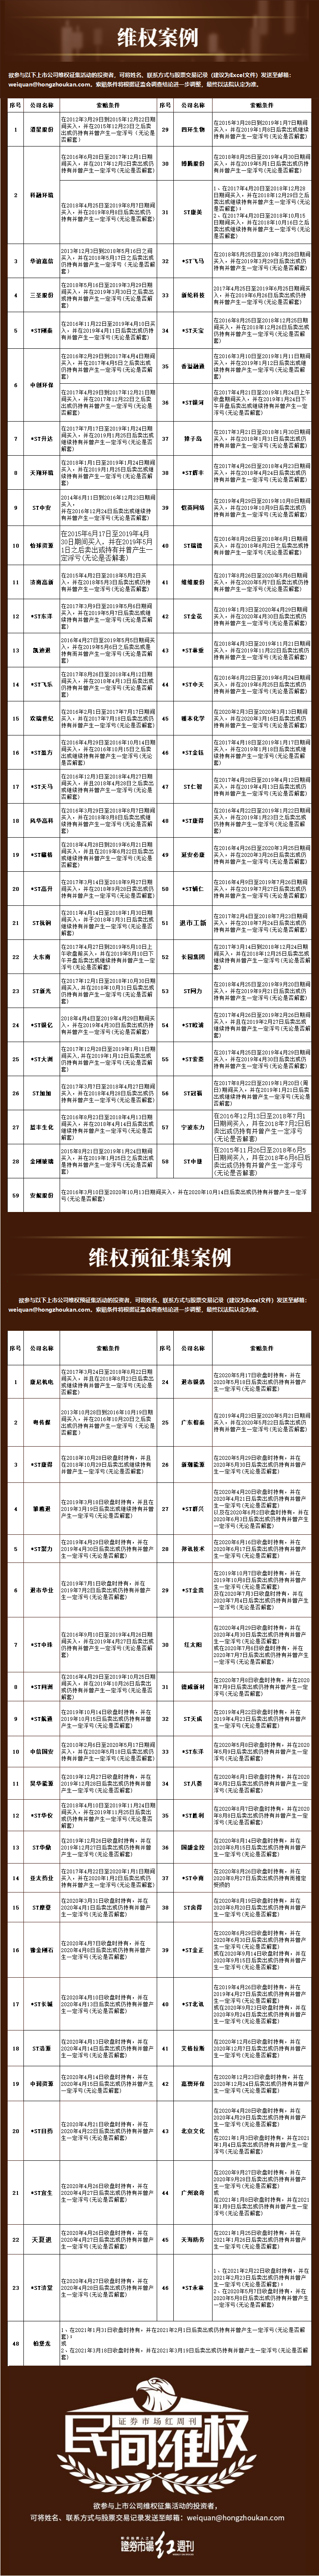 间维权   *ST济堂:股票融资导致控股股东被动减持